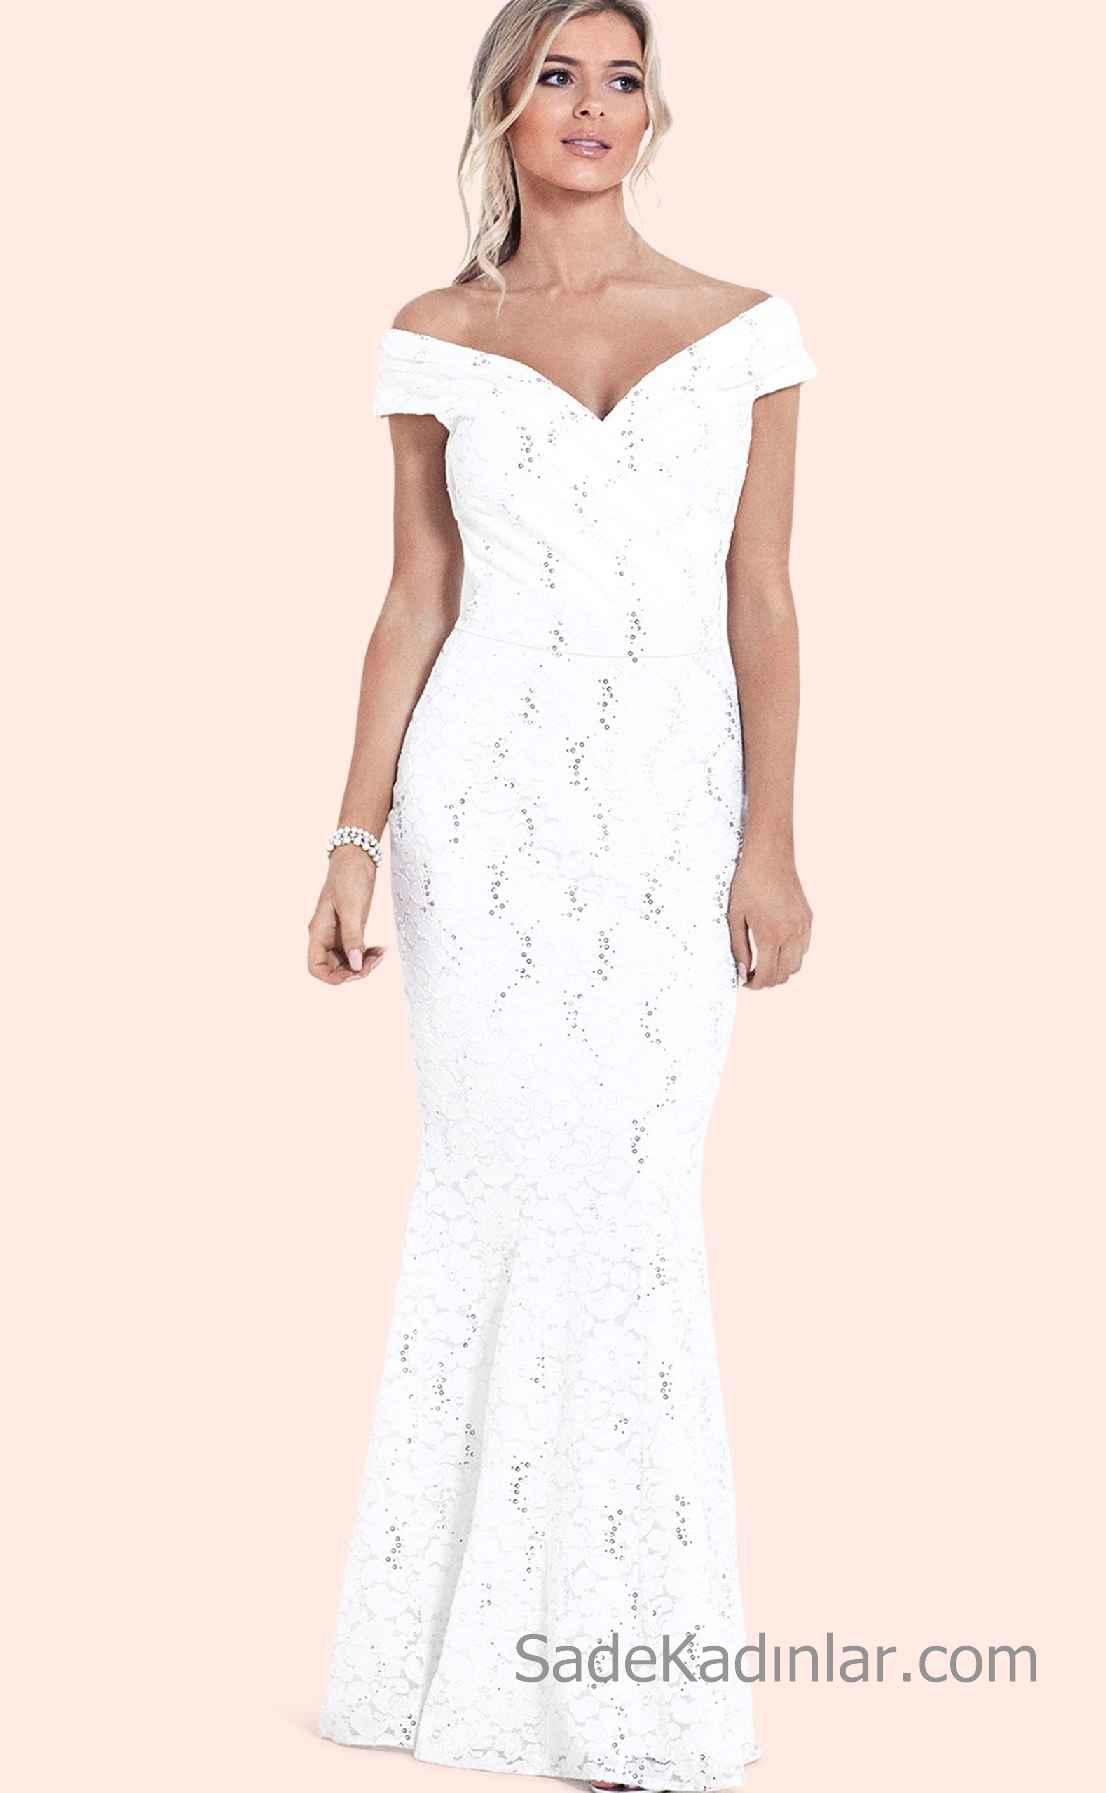 a0787f0ff9e87 Beyaz Elbise Modelleri Dantel Detaylı Omuzları Açık V Yaka Uzun Abiye